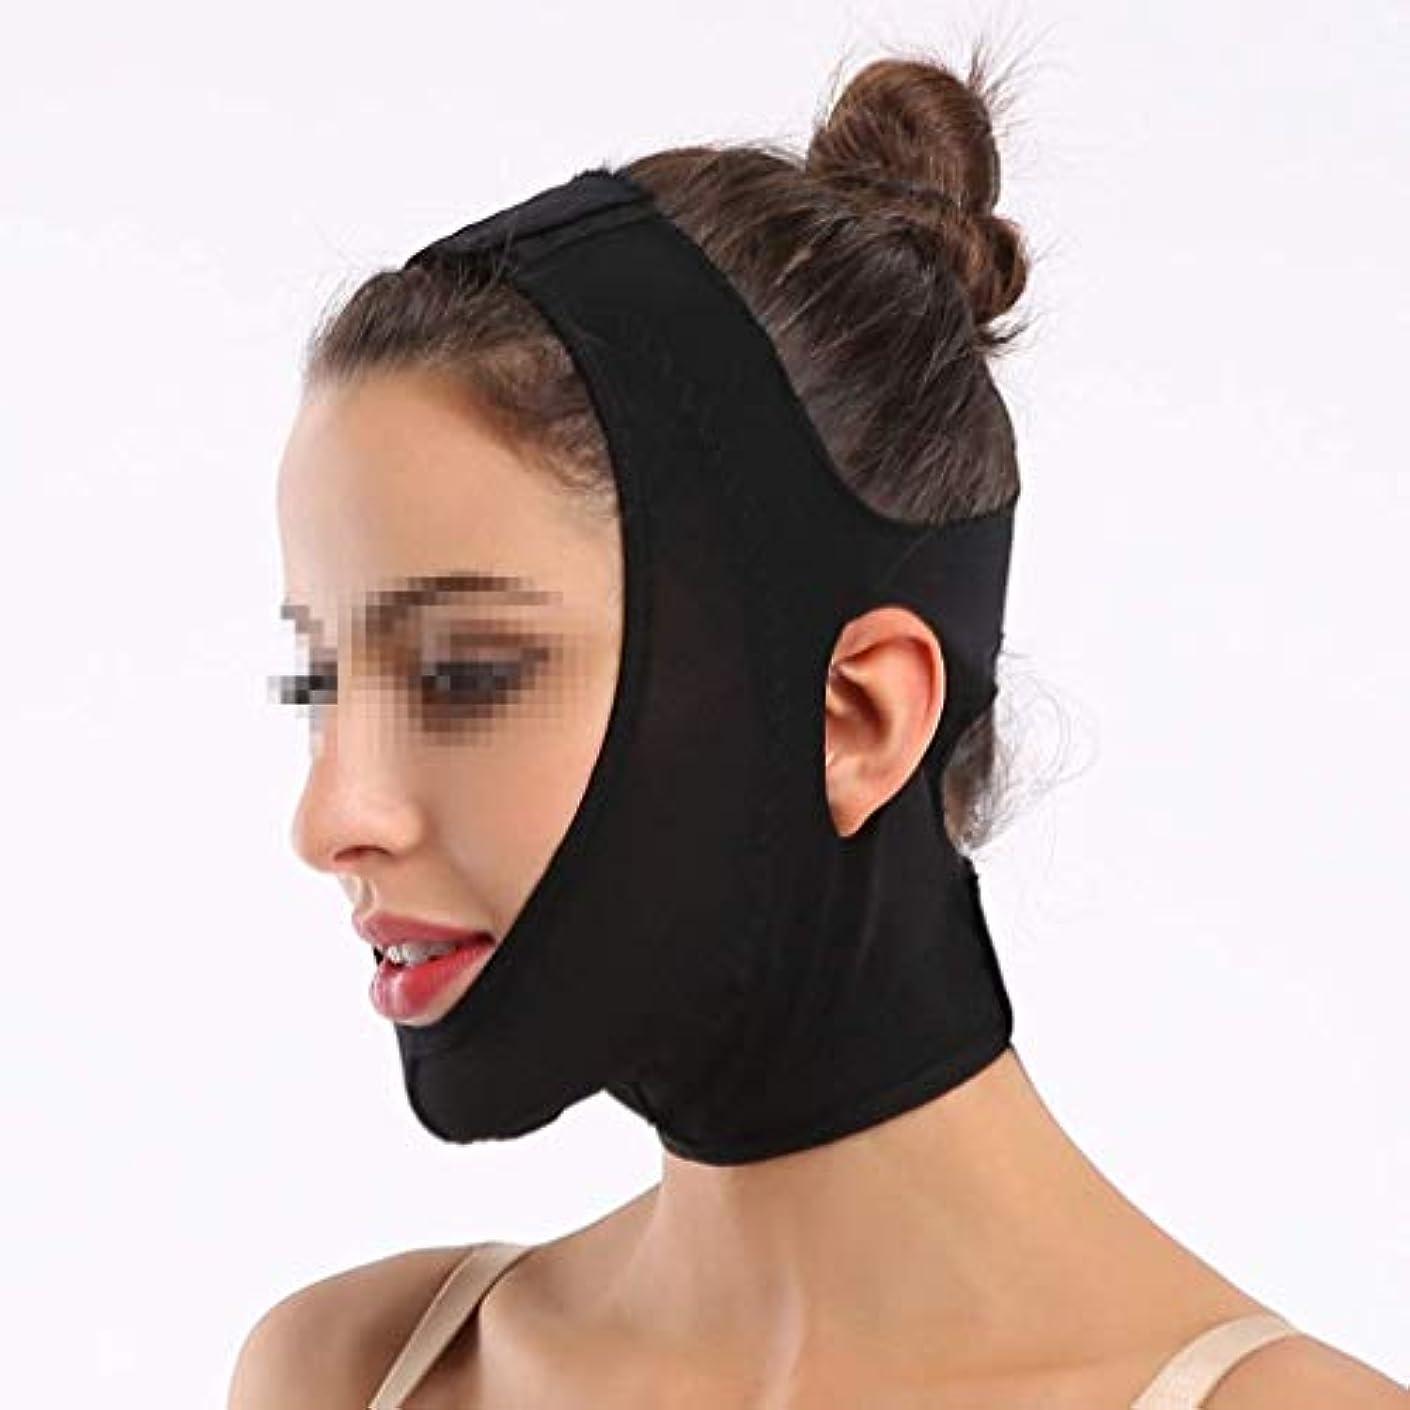 ストリップあごひげペパーミントVフェイスマスク、包帯マスクを持ち上げて引き締めるスキニービューティーサロン1日2時間Vフェイスマッサージ術後回復